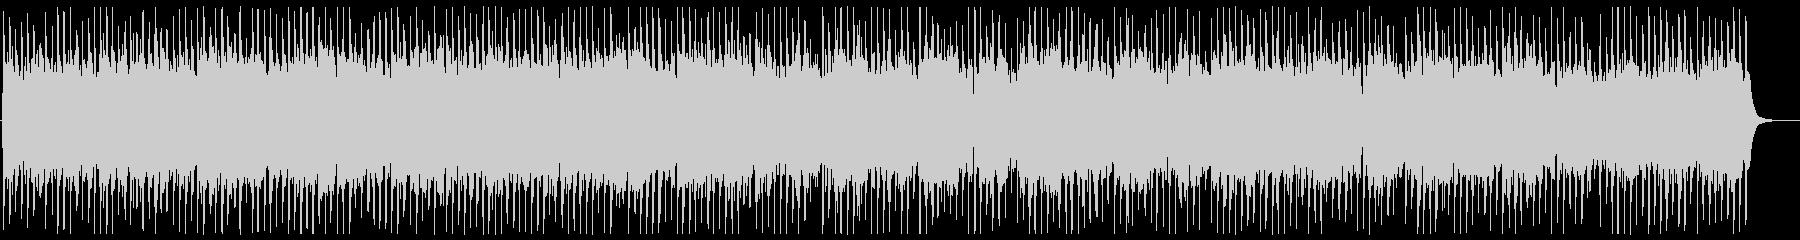 沖縄系ヒーリングBGM(ギターソロなし)の未再生の波形